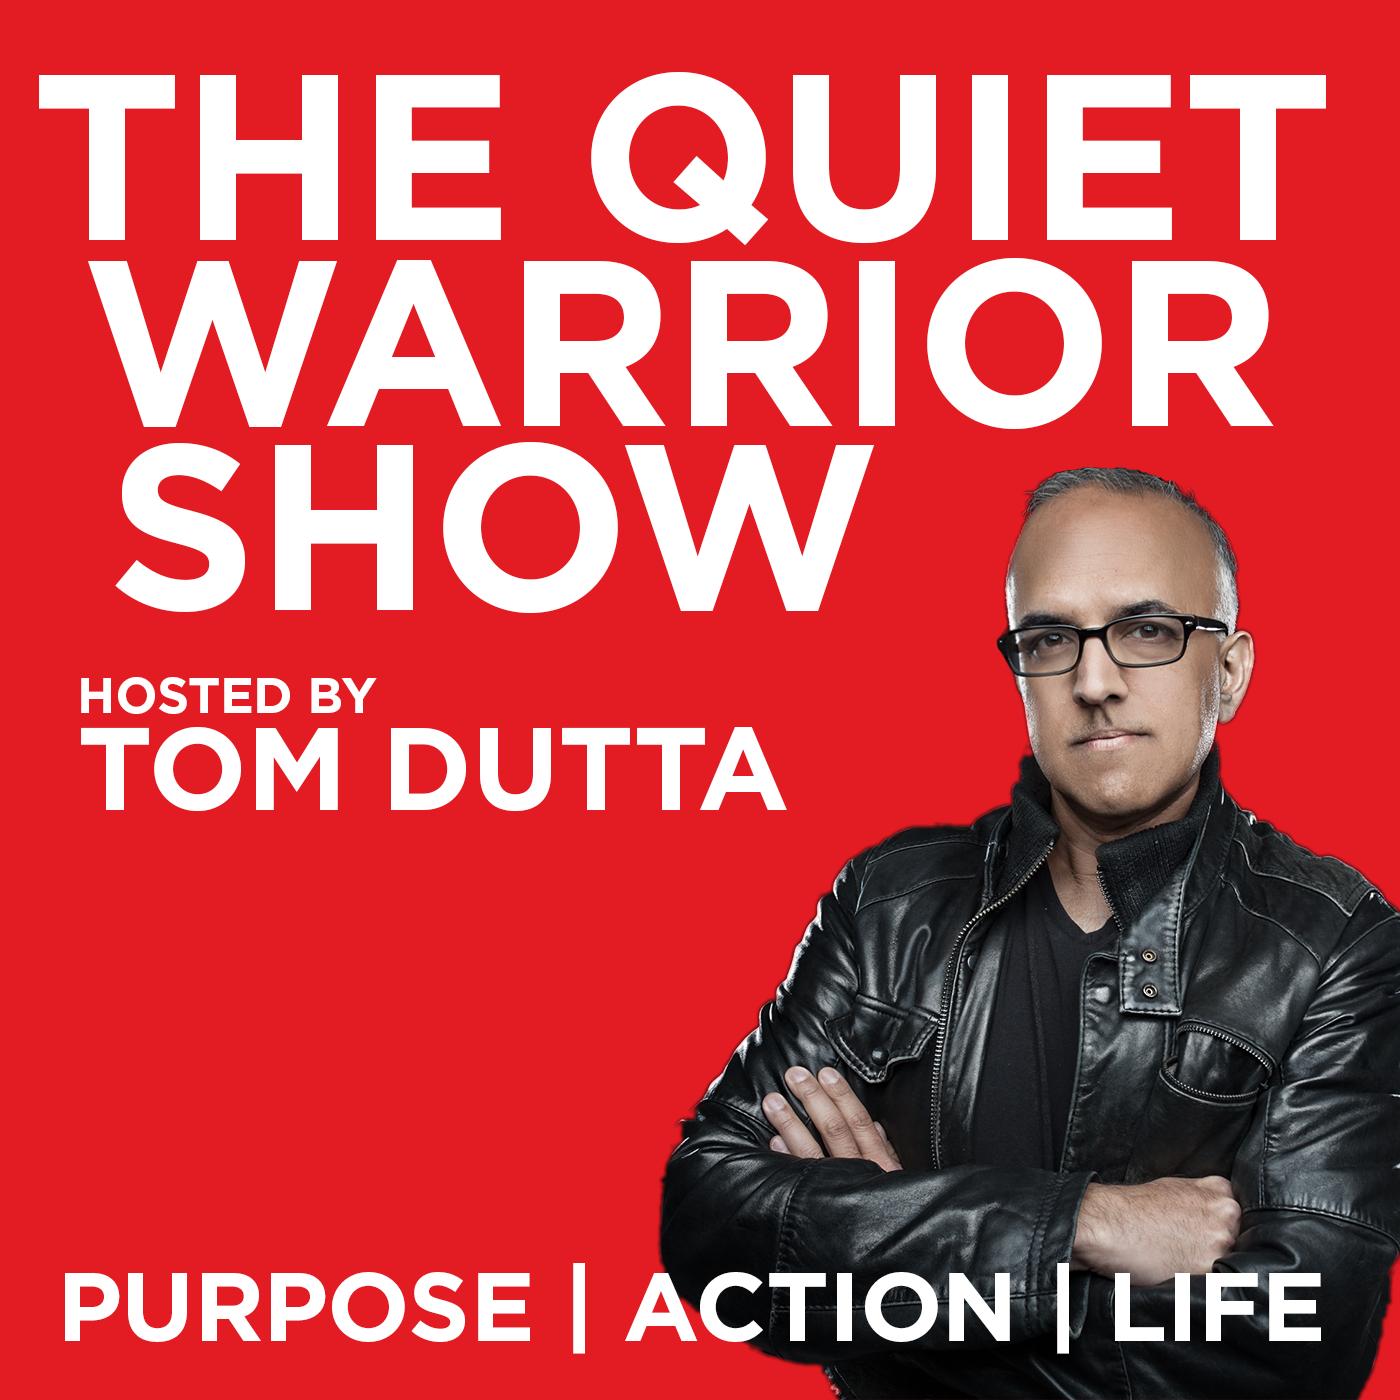 Tom Dutta Host of The Quiet Warrior Show